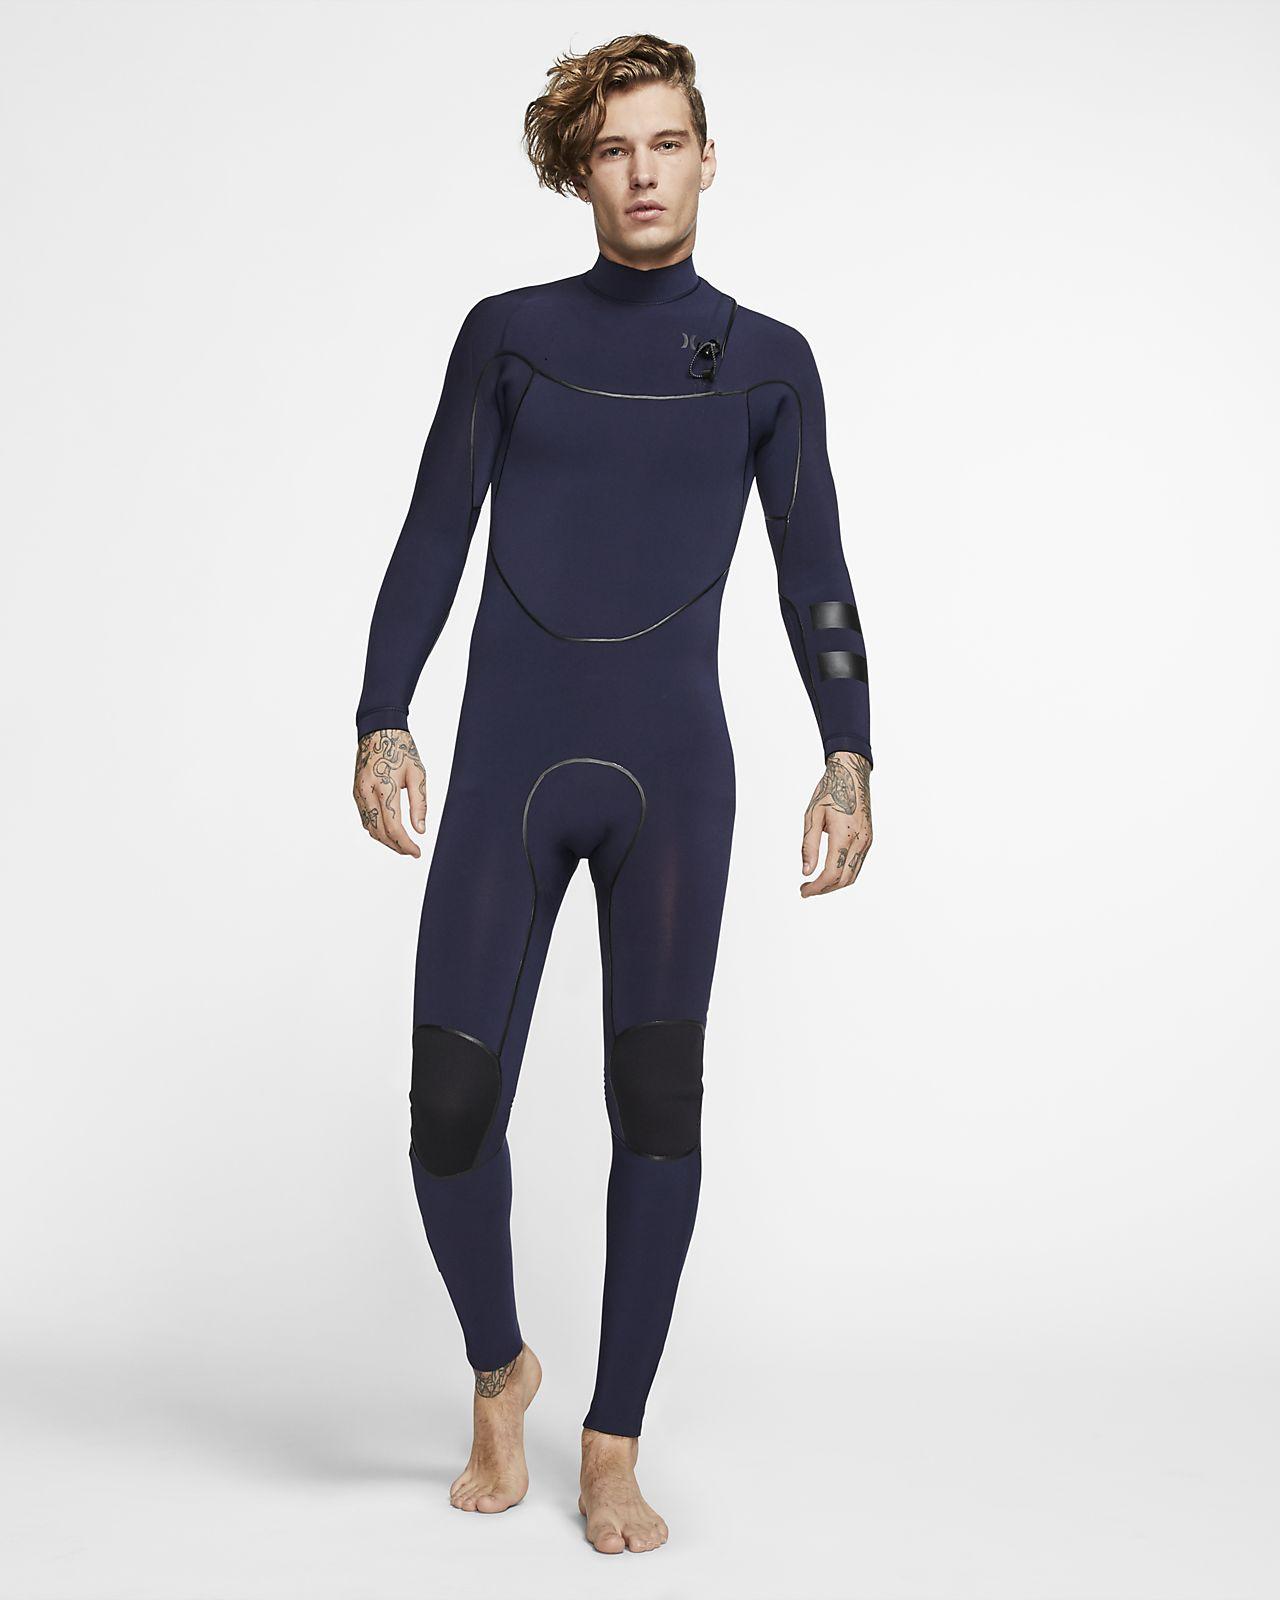 Ανδρική ολόσωμη στολή κολύμβησης Hurley Advantage Max 4/3